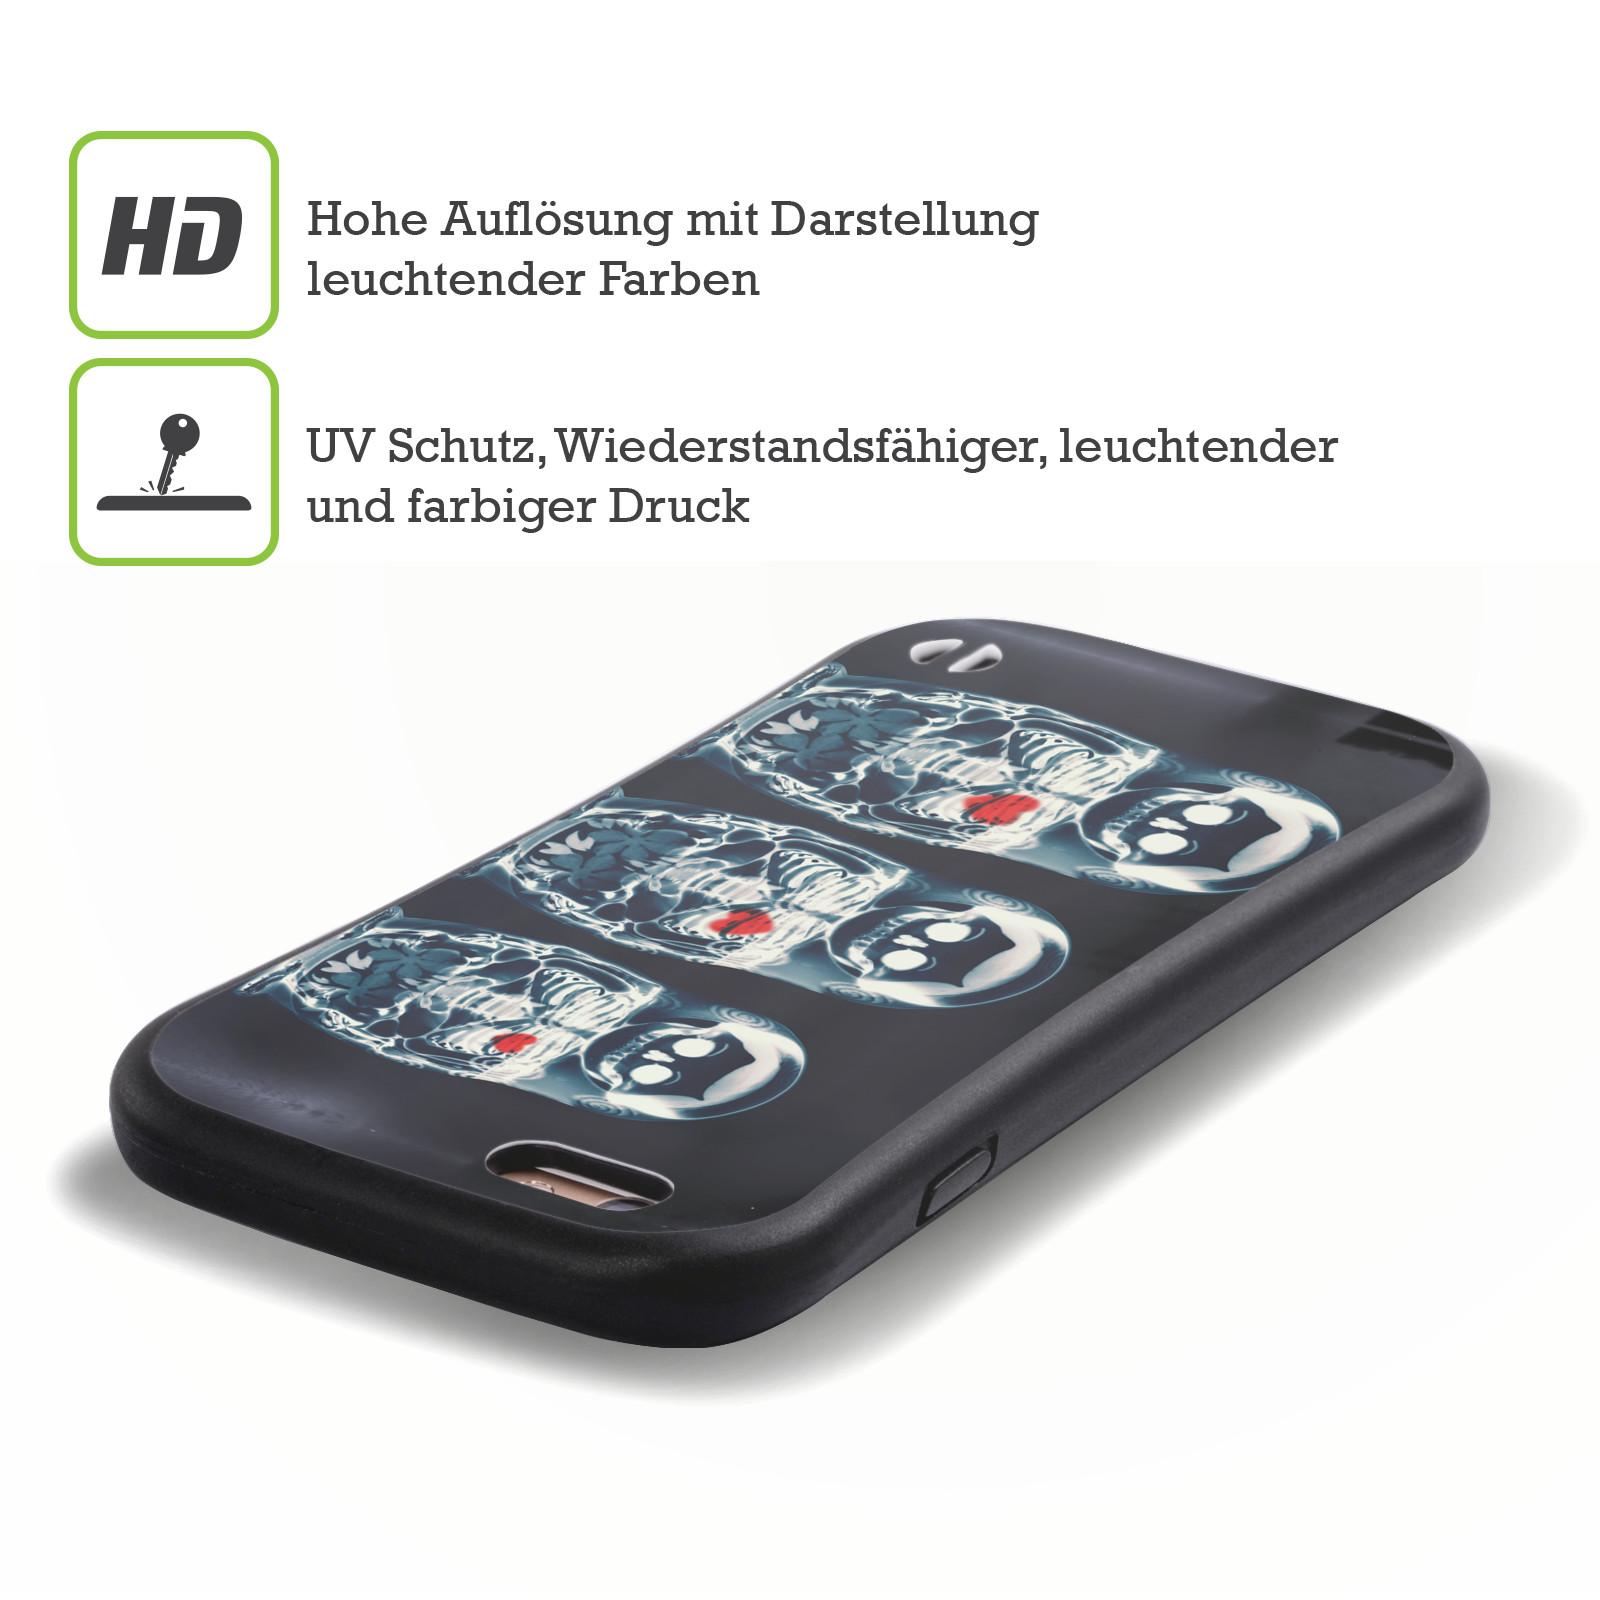 OFFIZIELLE-ALI-GULEC-MIT-EINEM-TWIST-HYBRID-HULLE-FUR-APPLE-iPHONES-HANDYS